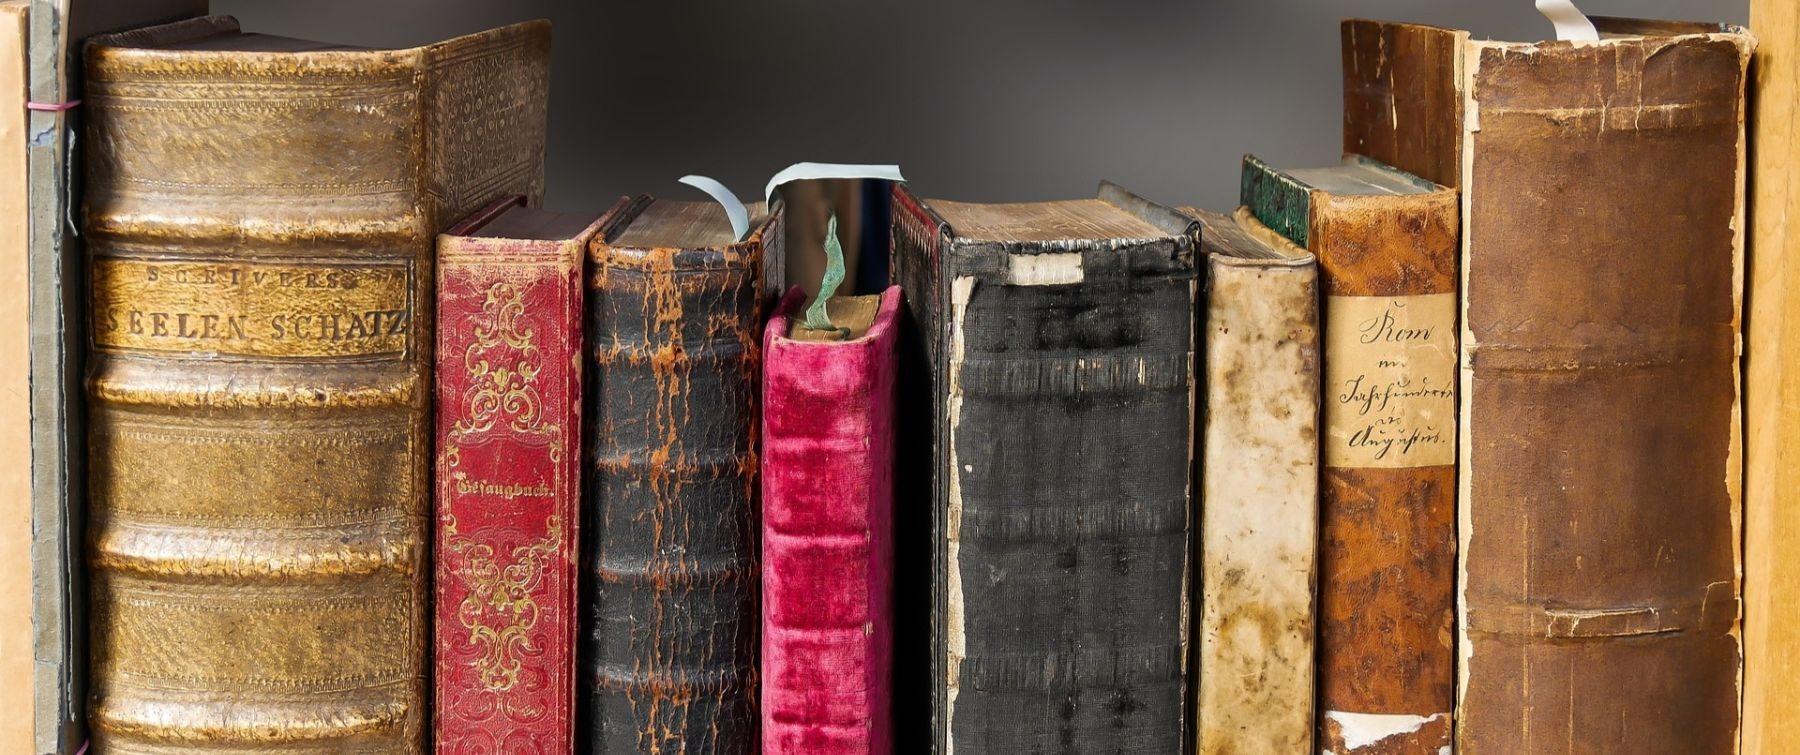 book-1659717_1920 (2)